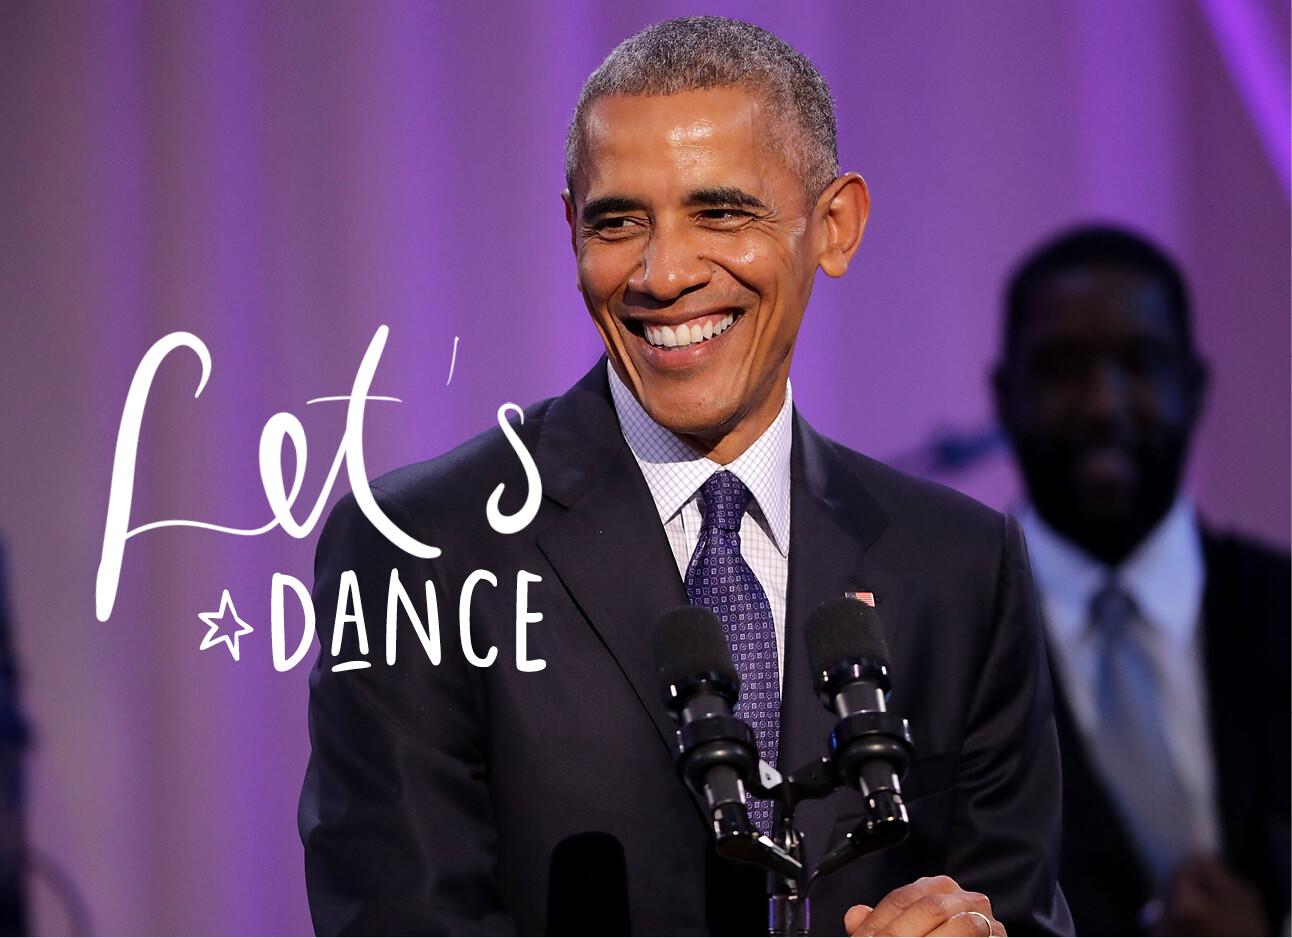 Dit is de summer playlist van Barack Obama